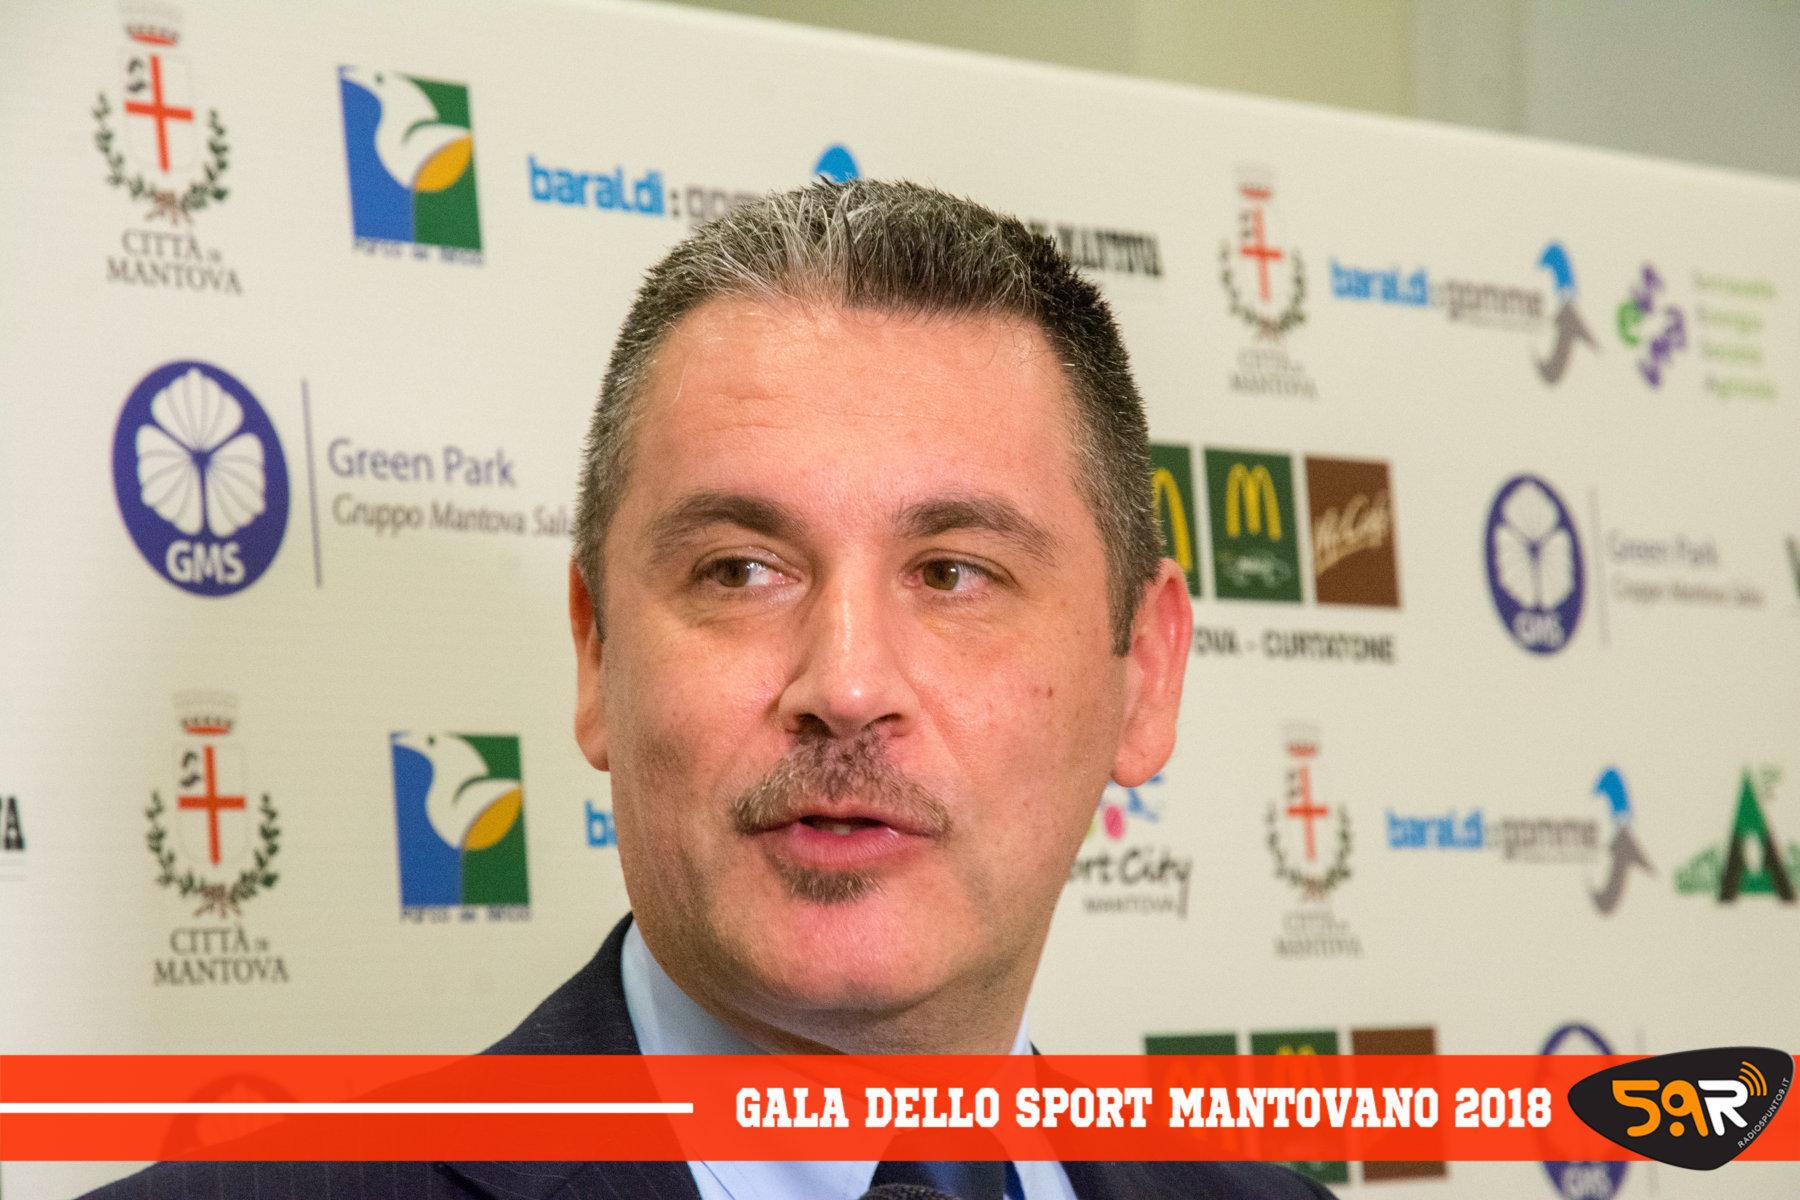 Gala dello Sport Mantovano 2018 Web Radio 5 (50)